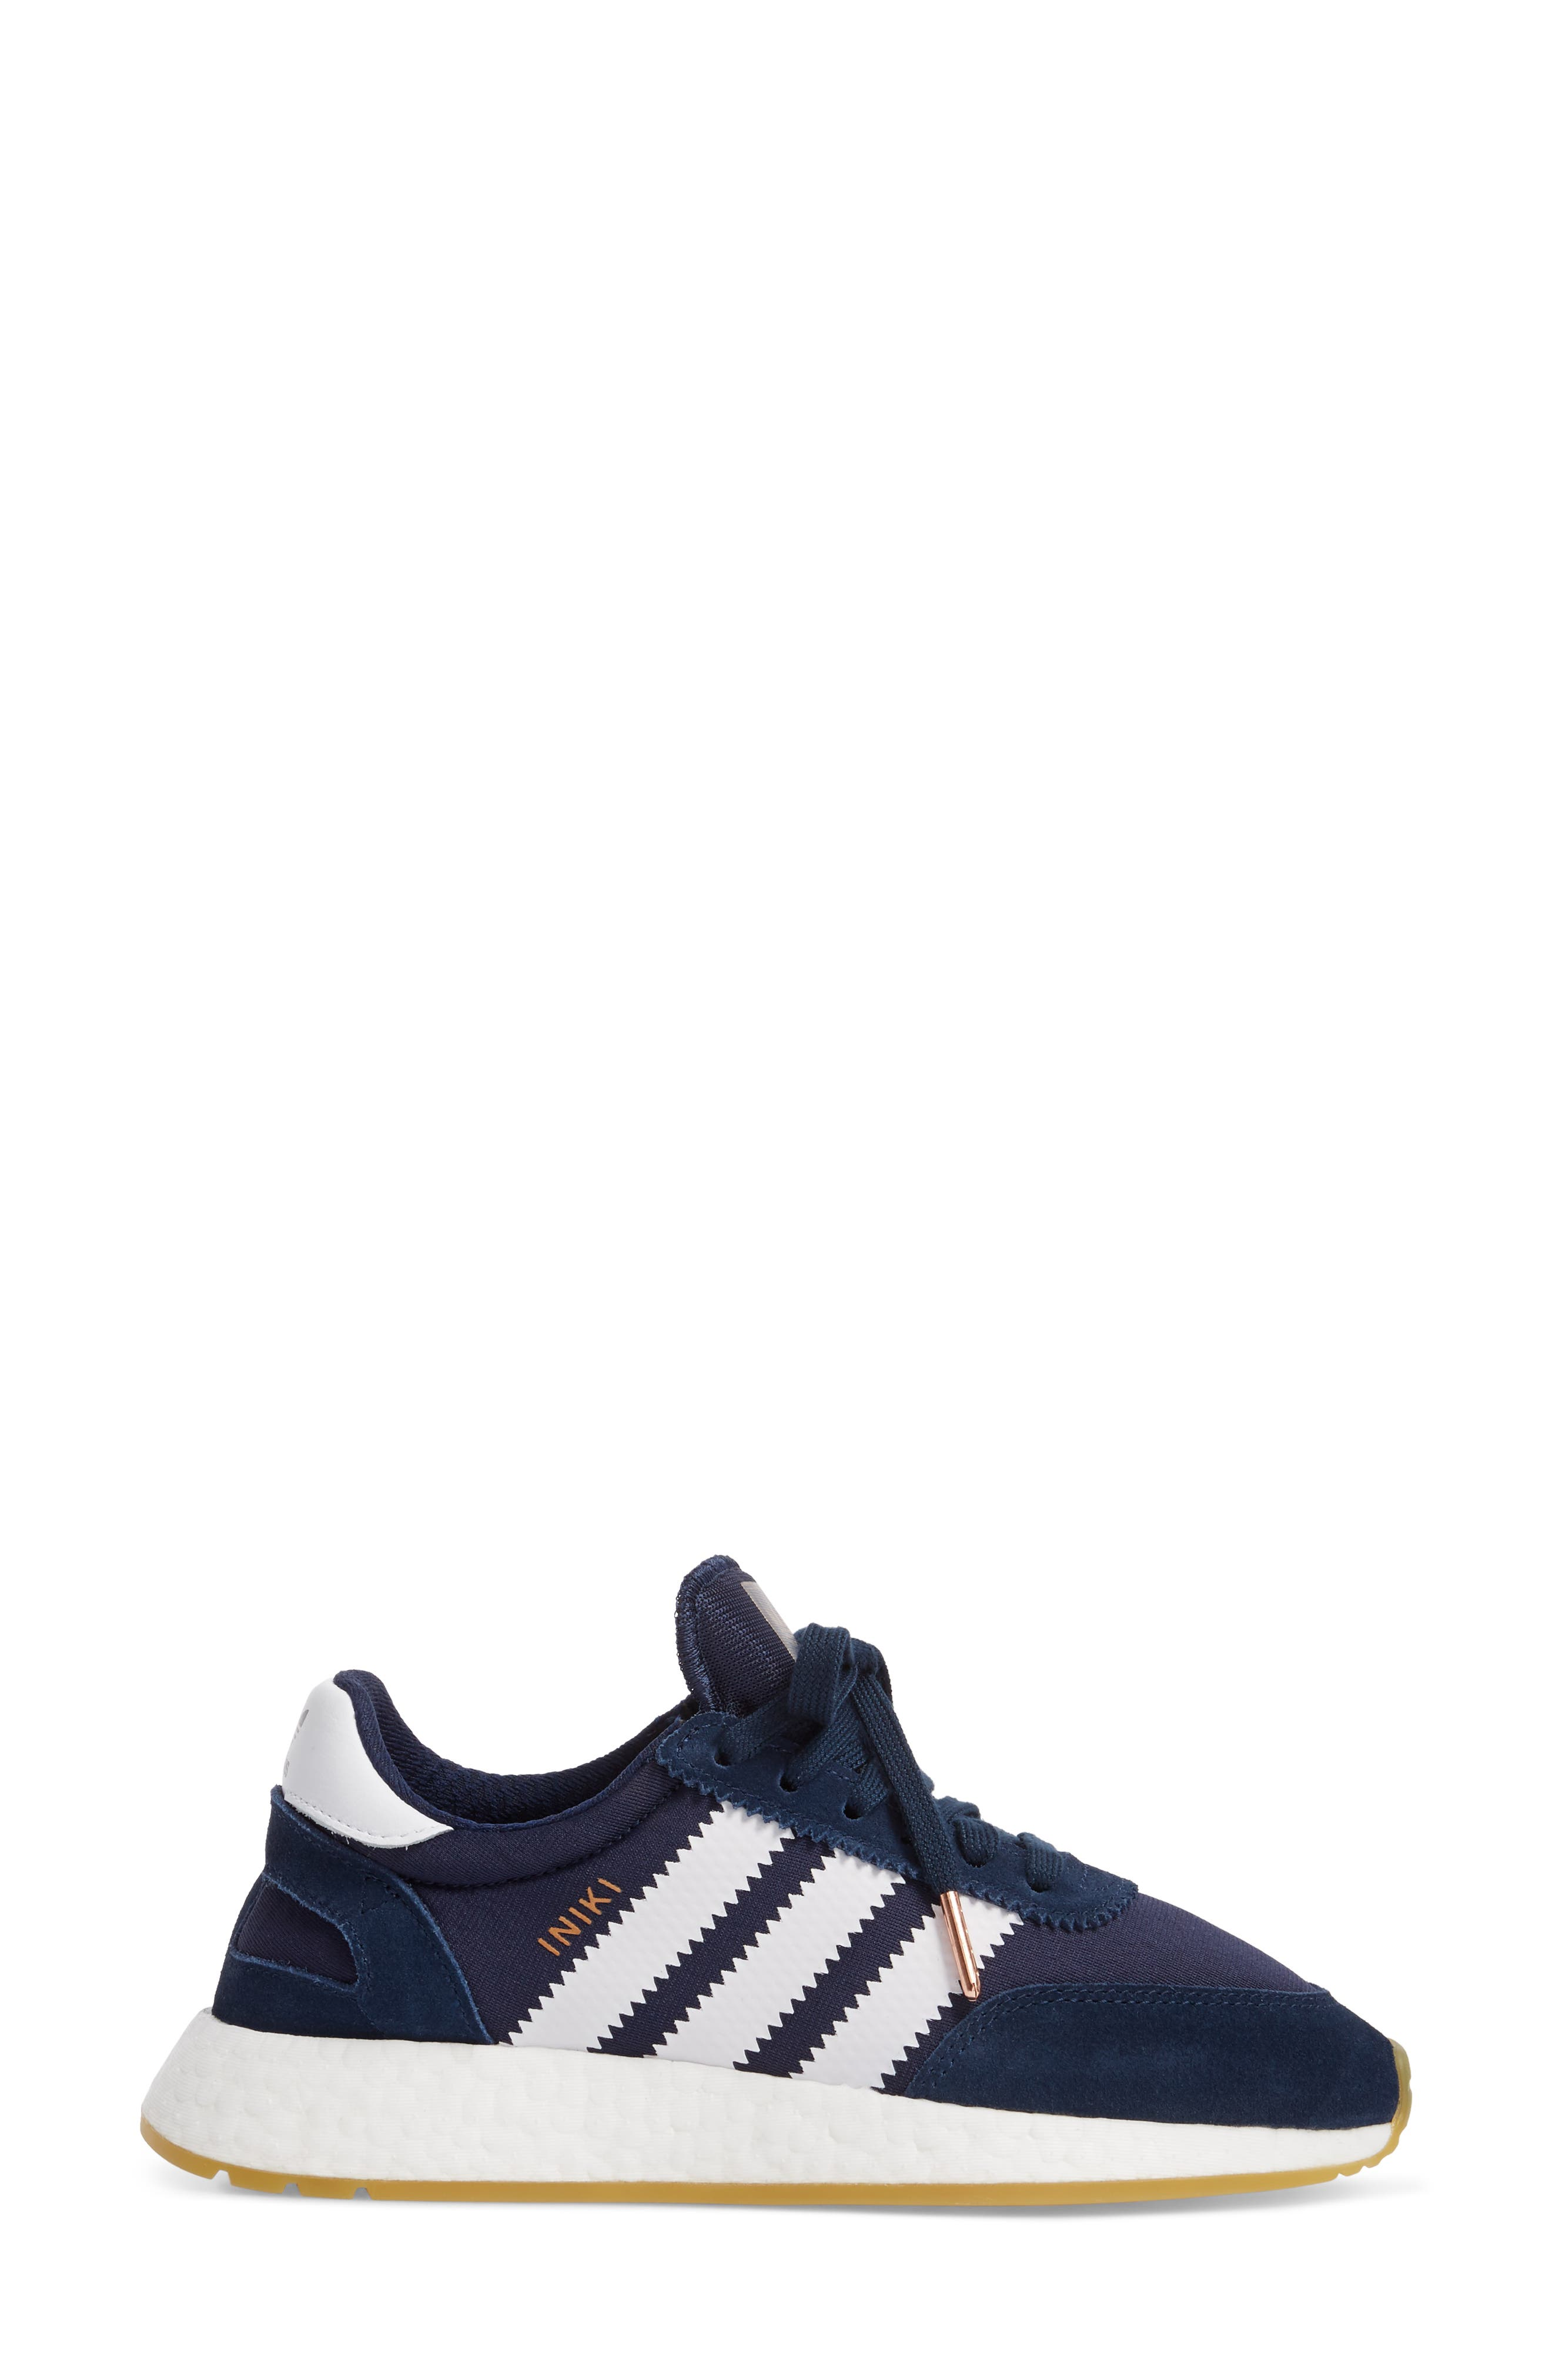 I-5923 Sneaker,                             Alternate thumbnail 3, color,                             Navy/ White/ Gum